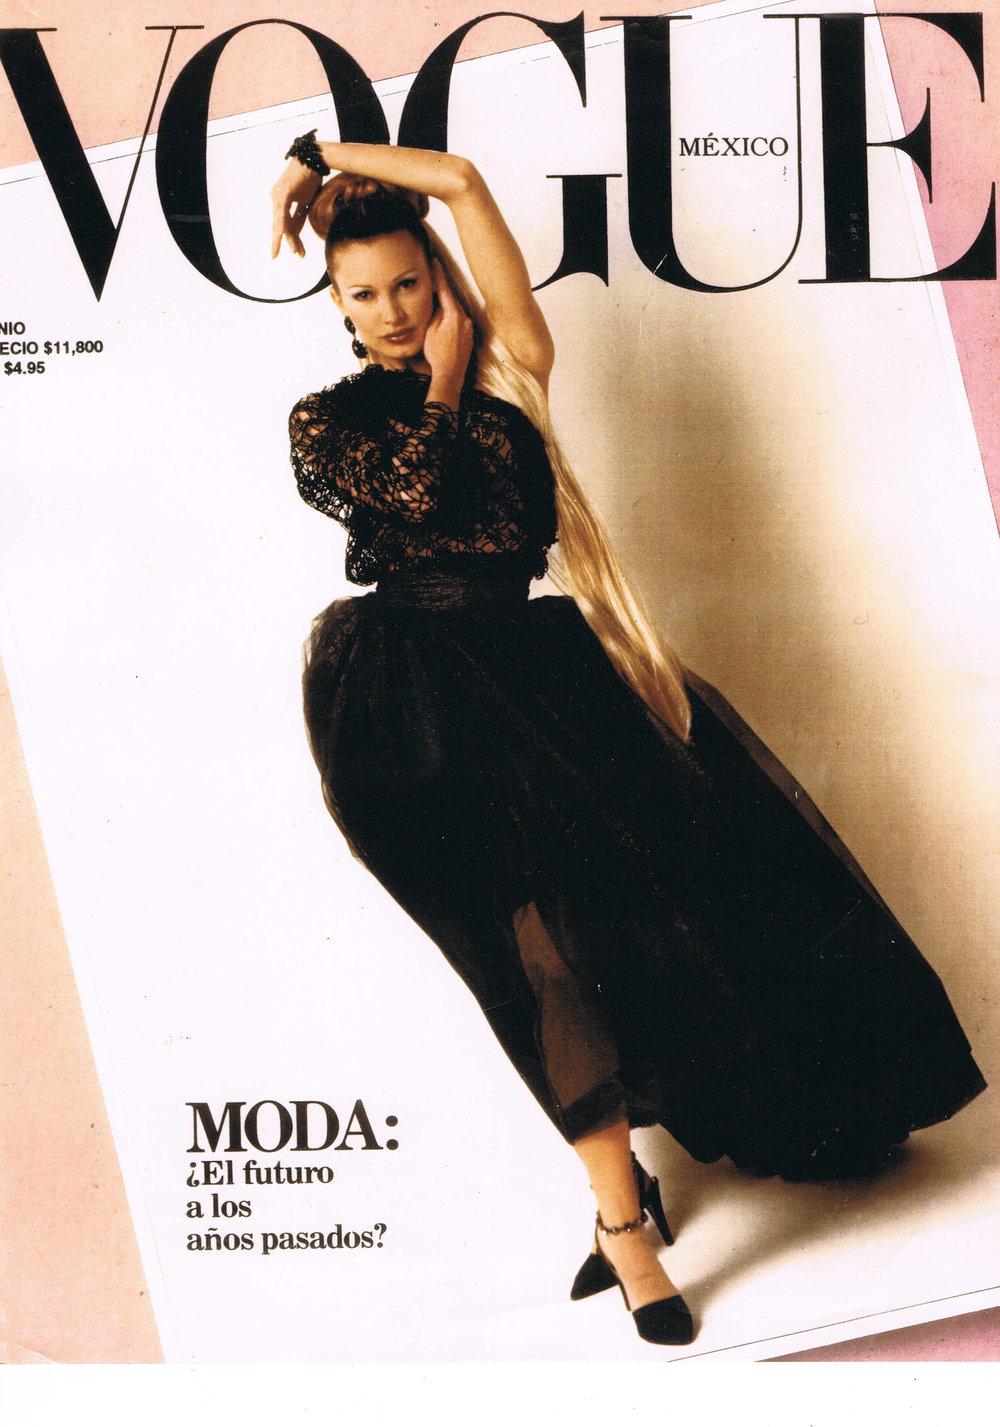 2. Vogue.jpg